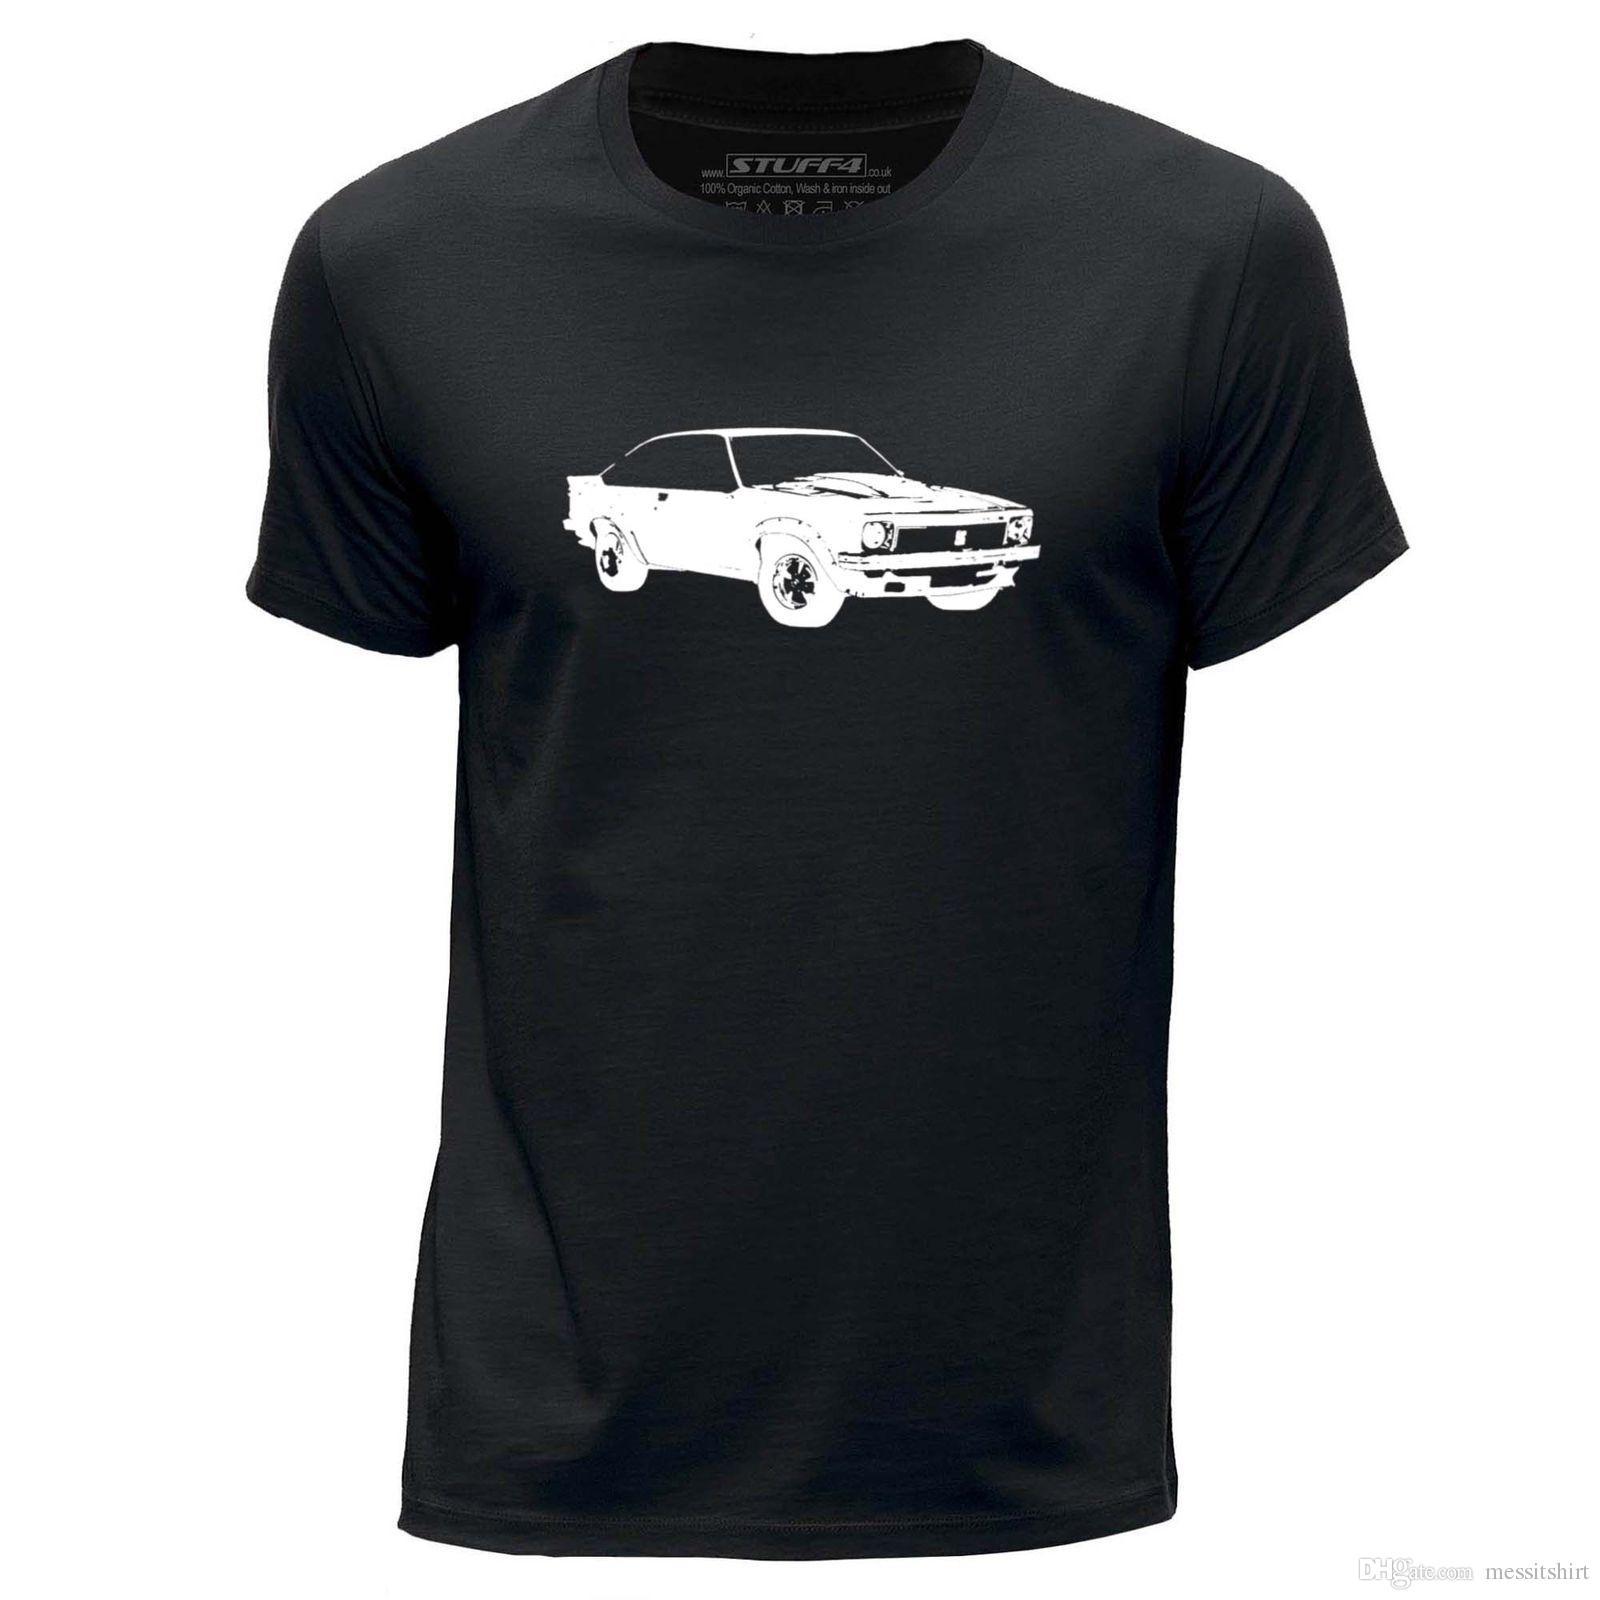 363cf1d33e42 STUFF4 Hommes Noir Col Rond T Shirt Stencil Art Voiture LX Torana A9X SZ Shirt  T Shirt Funny T Shirts Cheap From Messitshirt